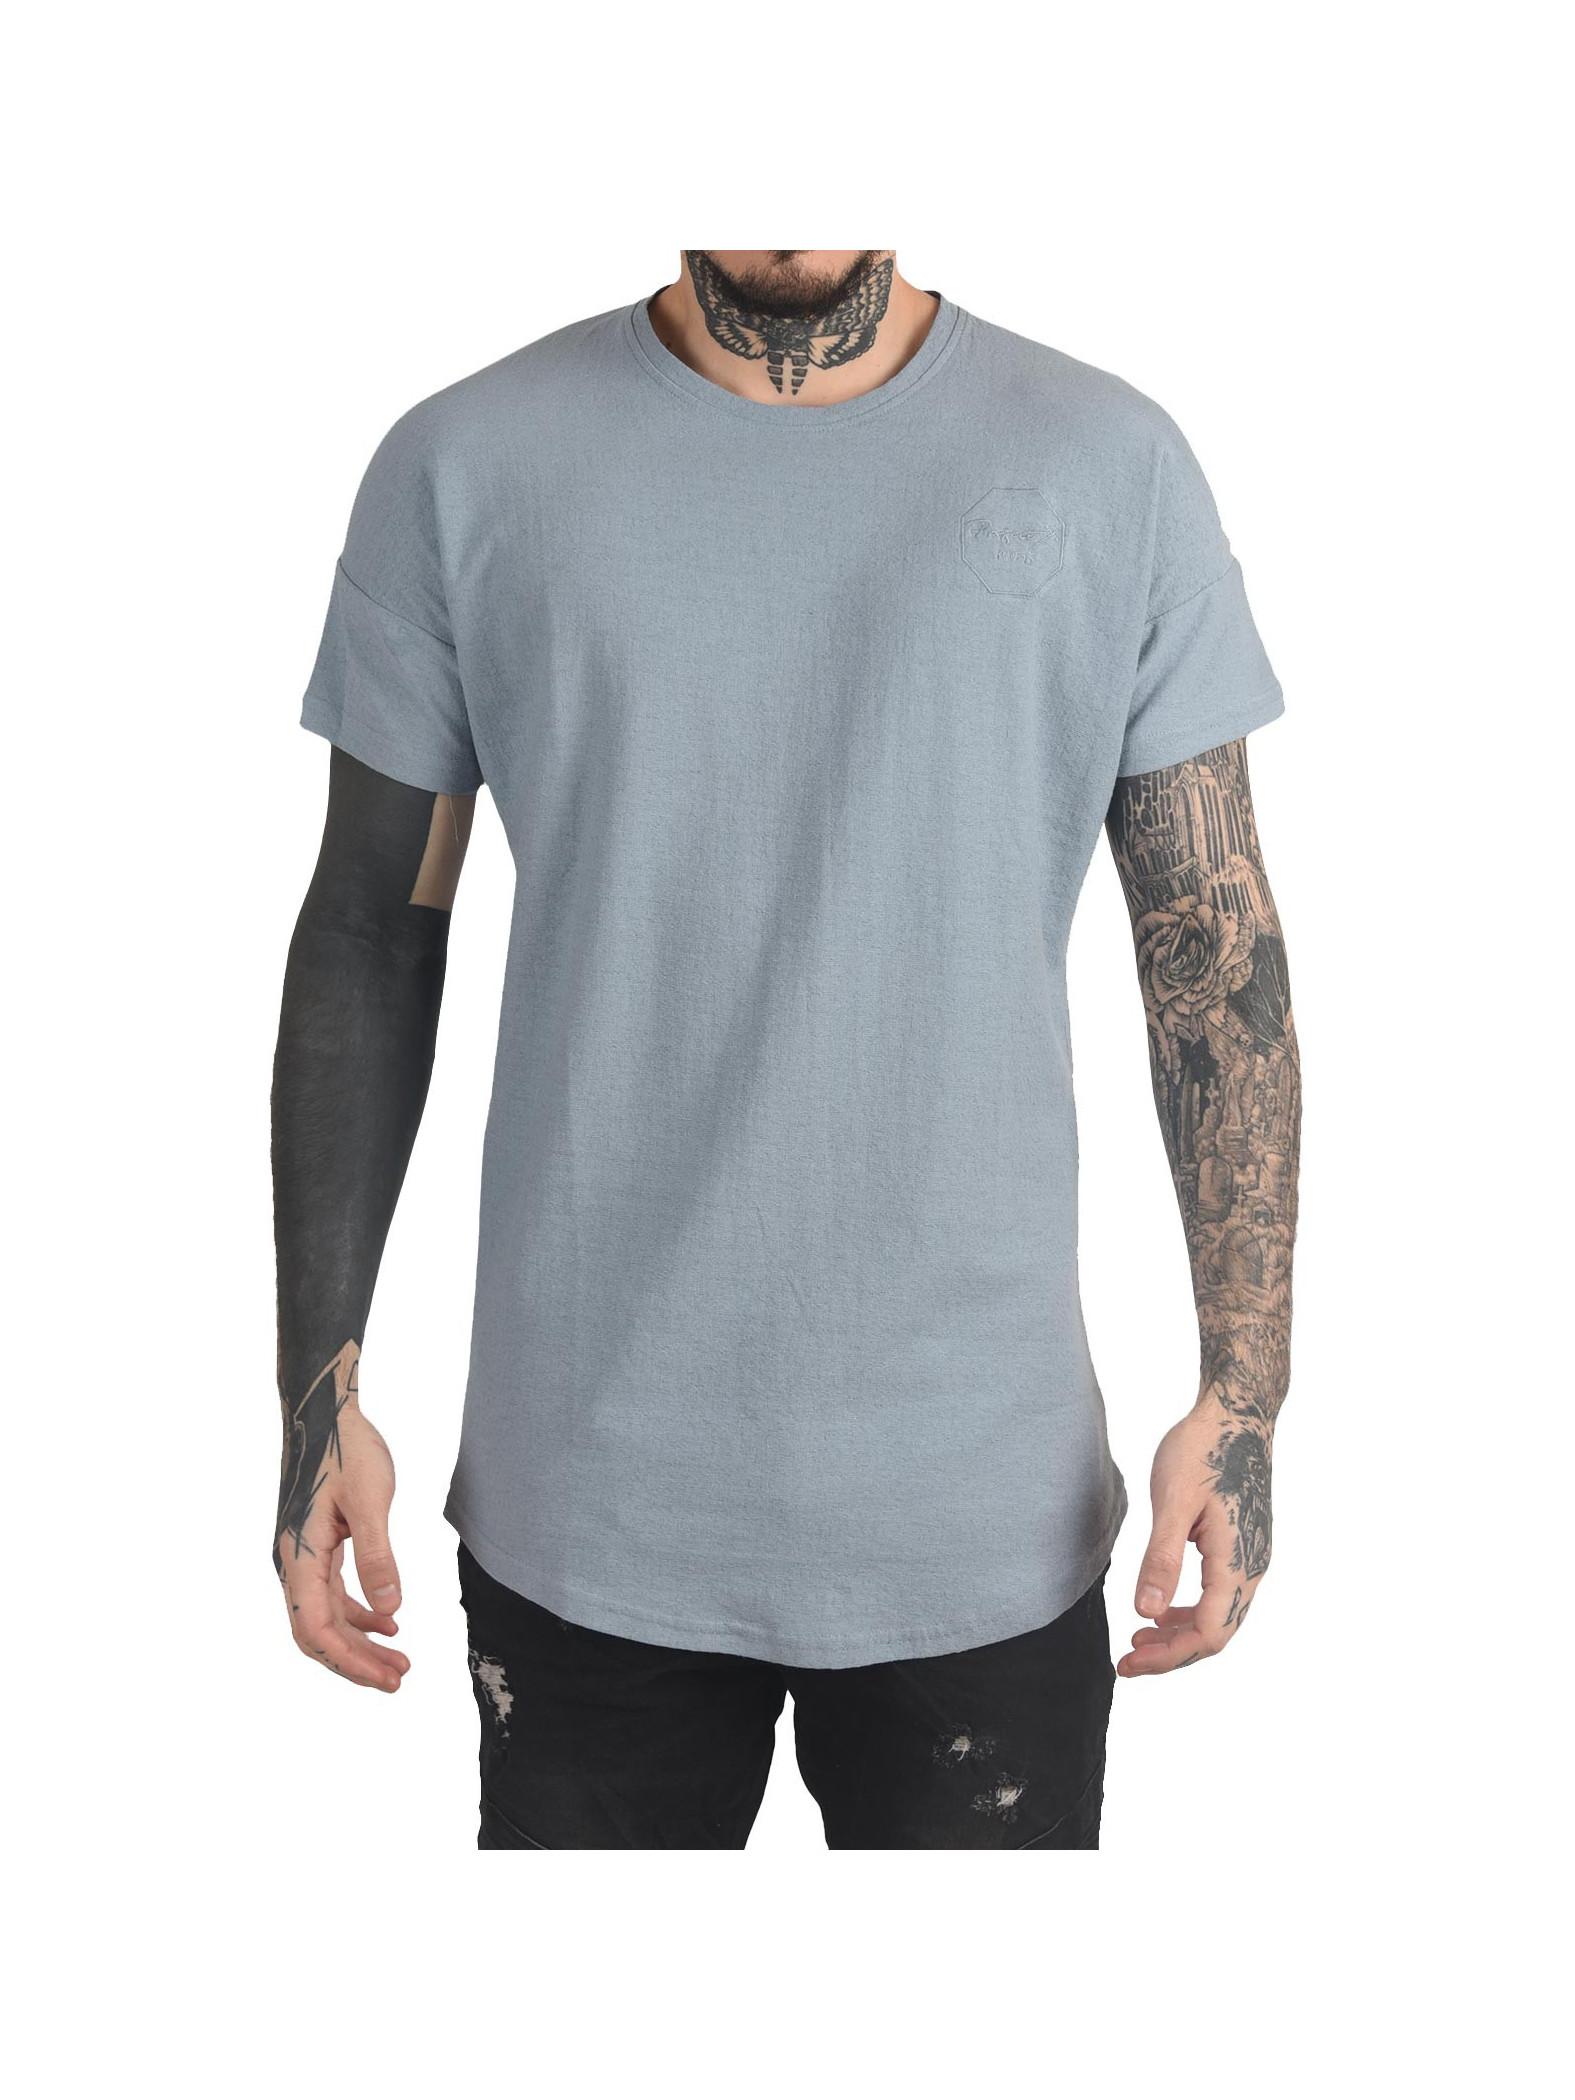 tee shirt en coton homme project x paris 88161143. Black Bedroom Furniture Sets. Home Design Ideas